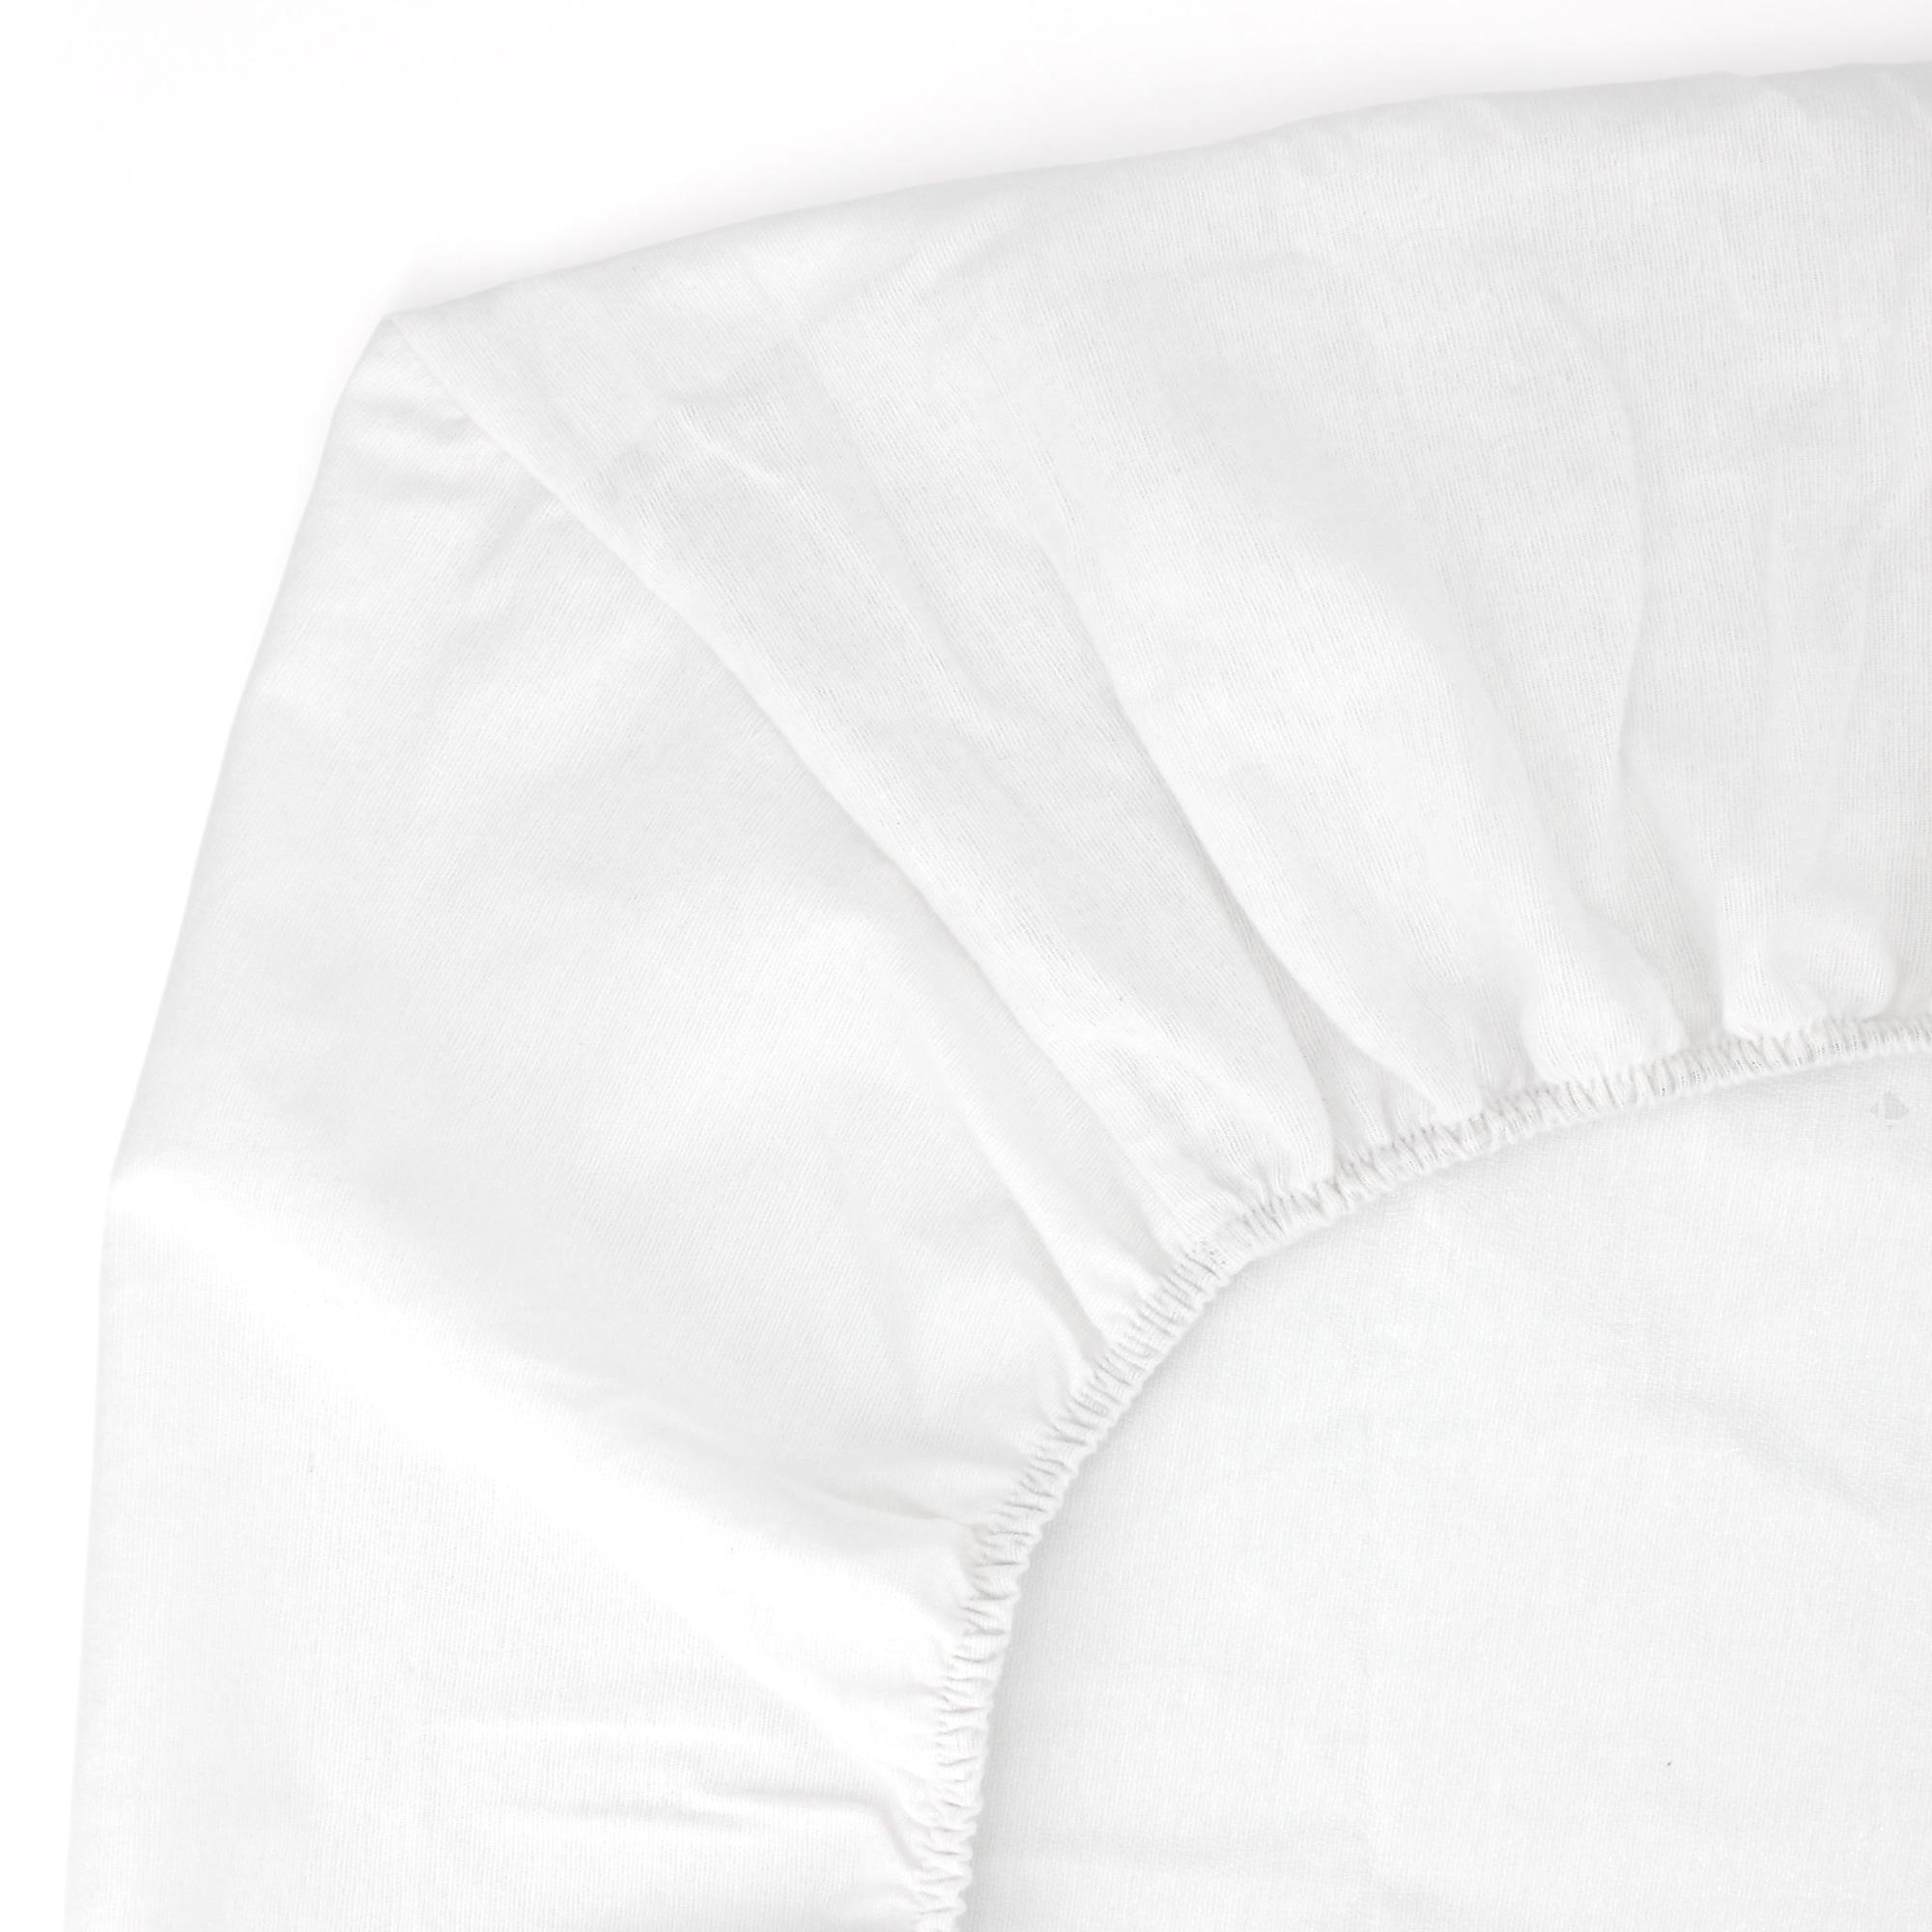 prot ge matelas imperm able 80x220 cm bonnet 30cm arnon molleton 100 coton contrecoll. Black Bedroom Furniture Sets. Home Design Ideas